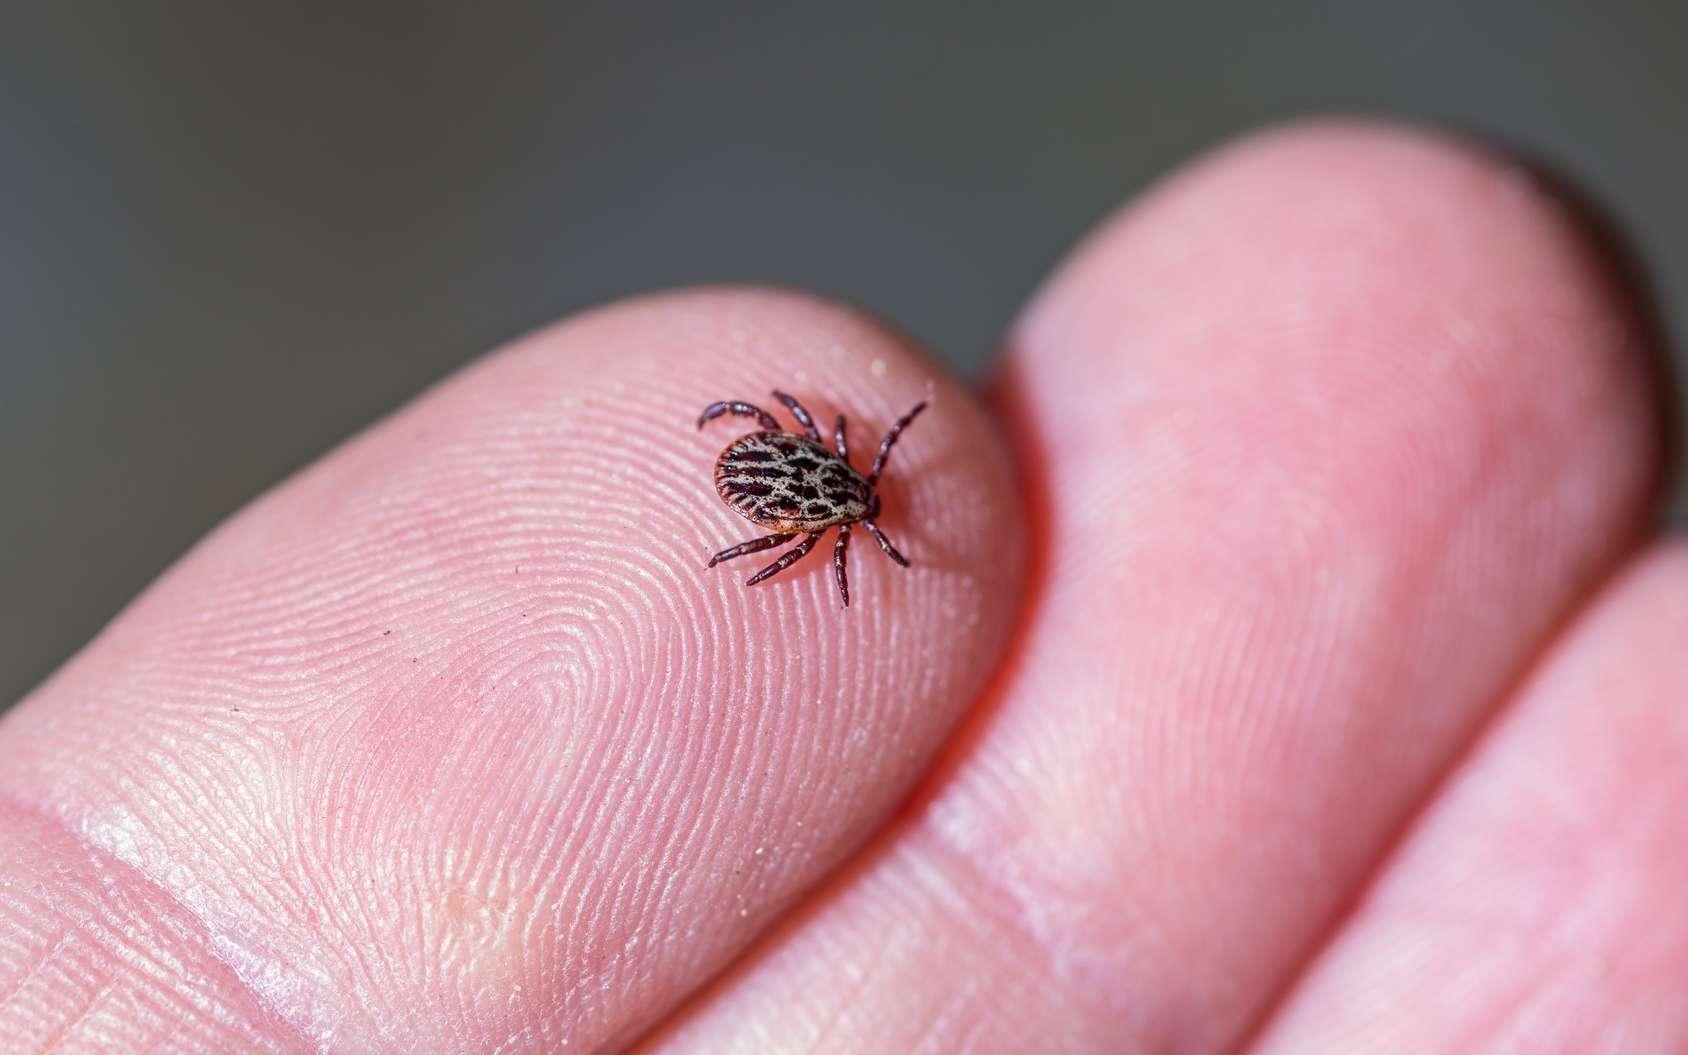 Maladie de Lyme : son incidence va augmenter avec le réchauffement climatique